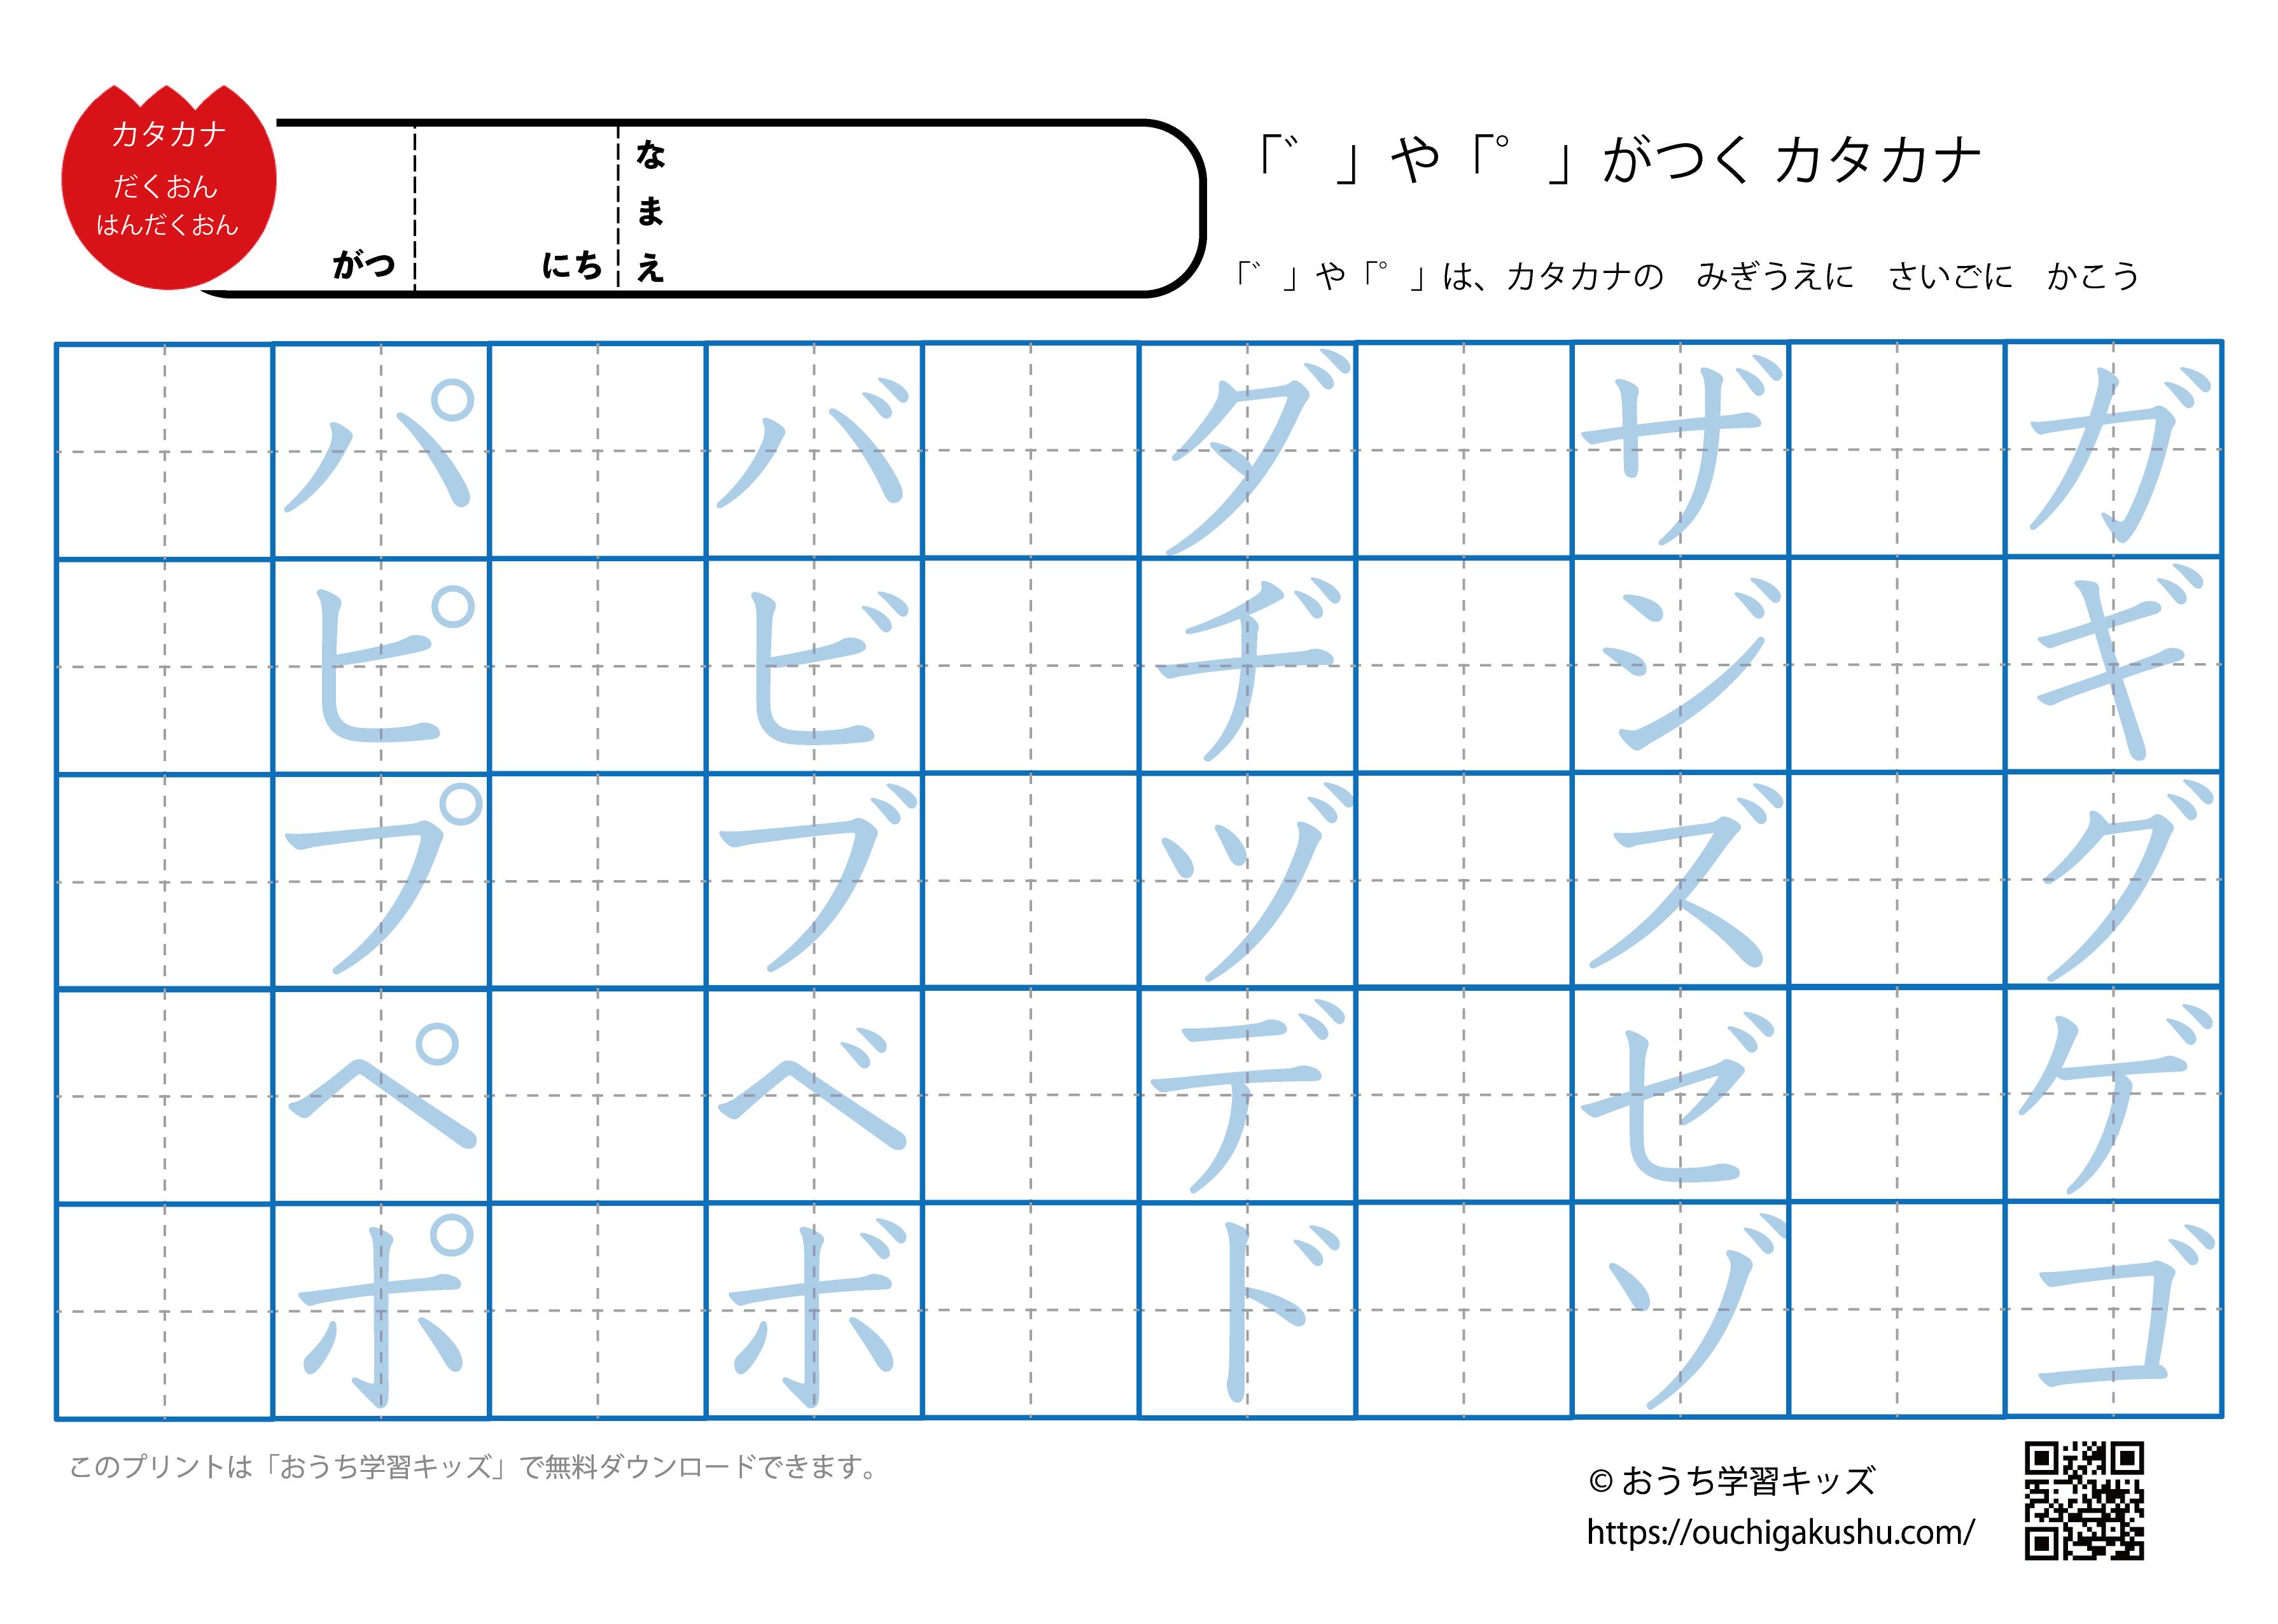 カタカナ練習プリント 濁音・半濁音1 なぞり書き(濃い文字)と空欄